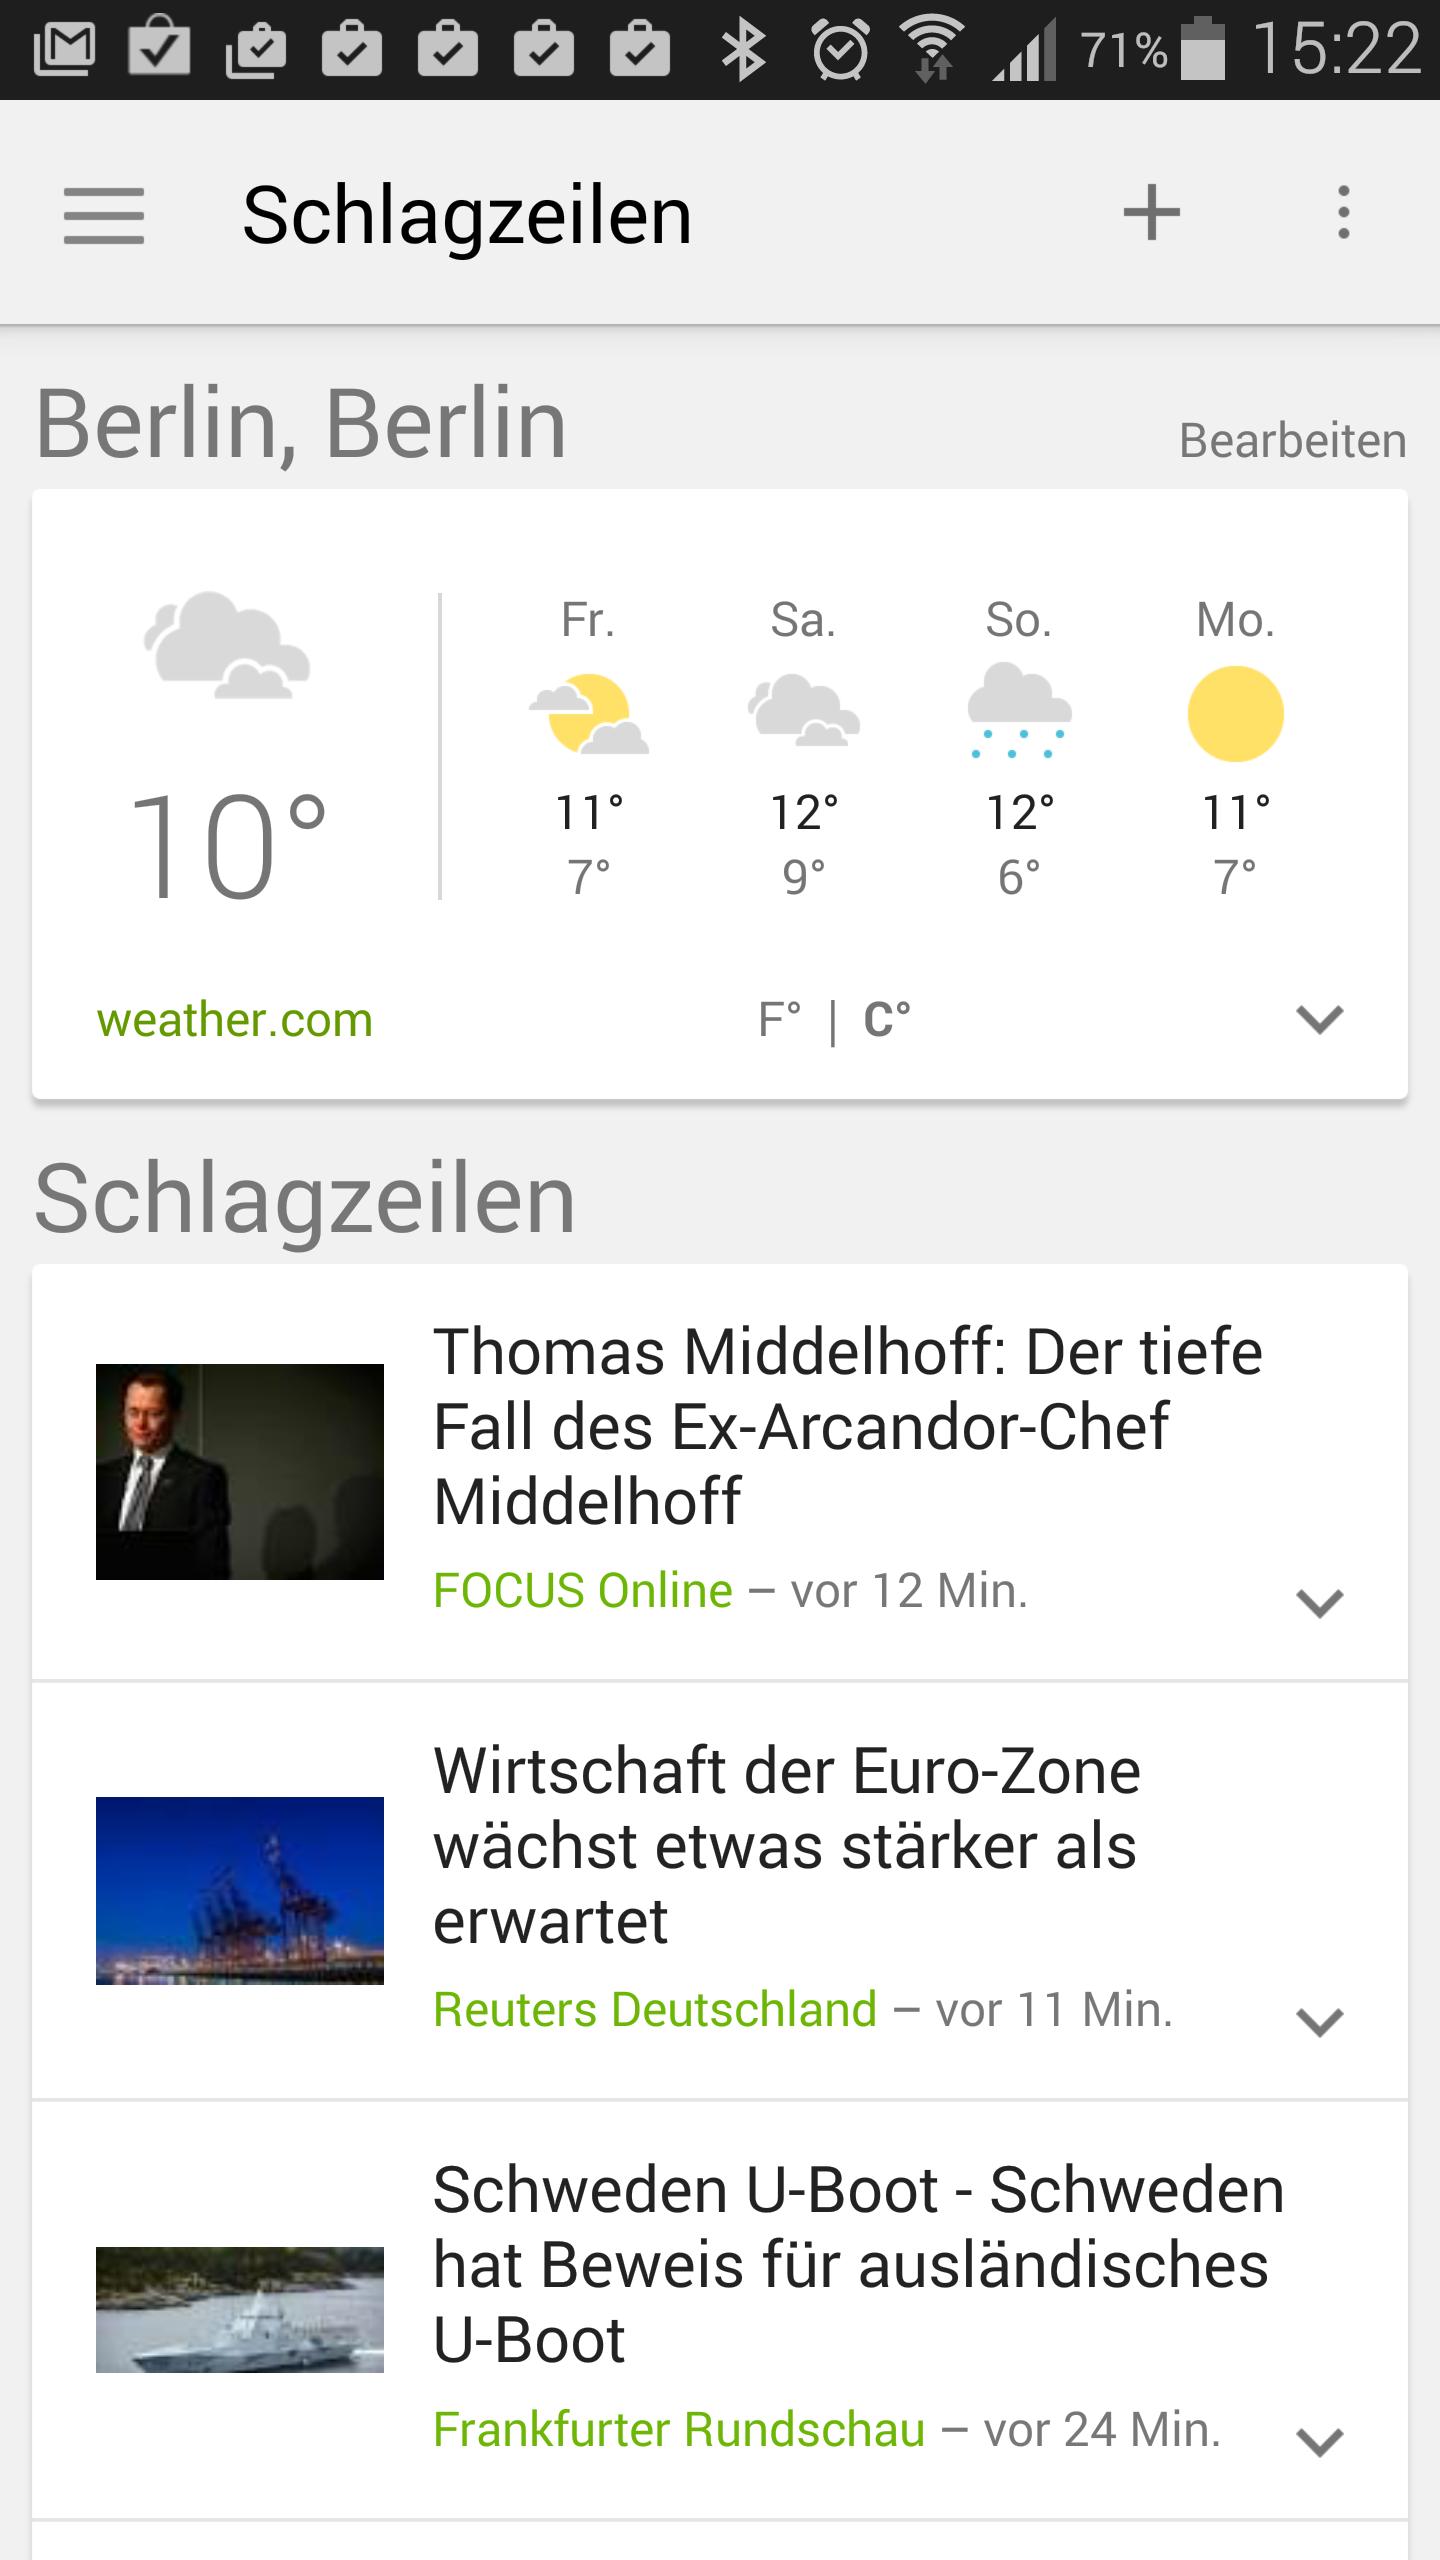 News Und Wetter Update Der Google News App Materialisiert Sich Giga